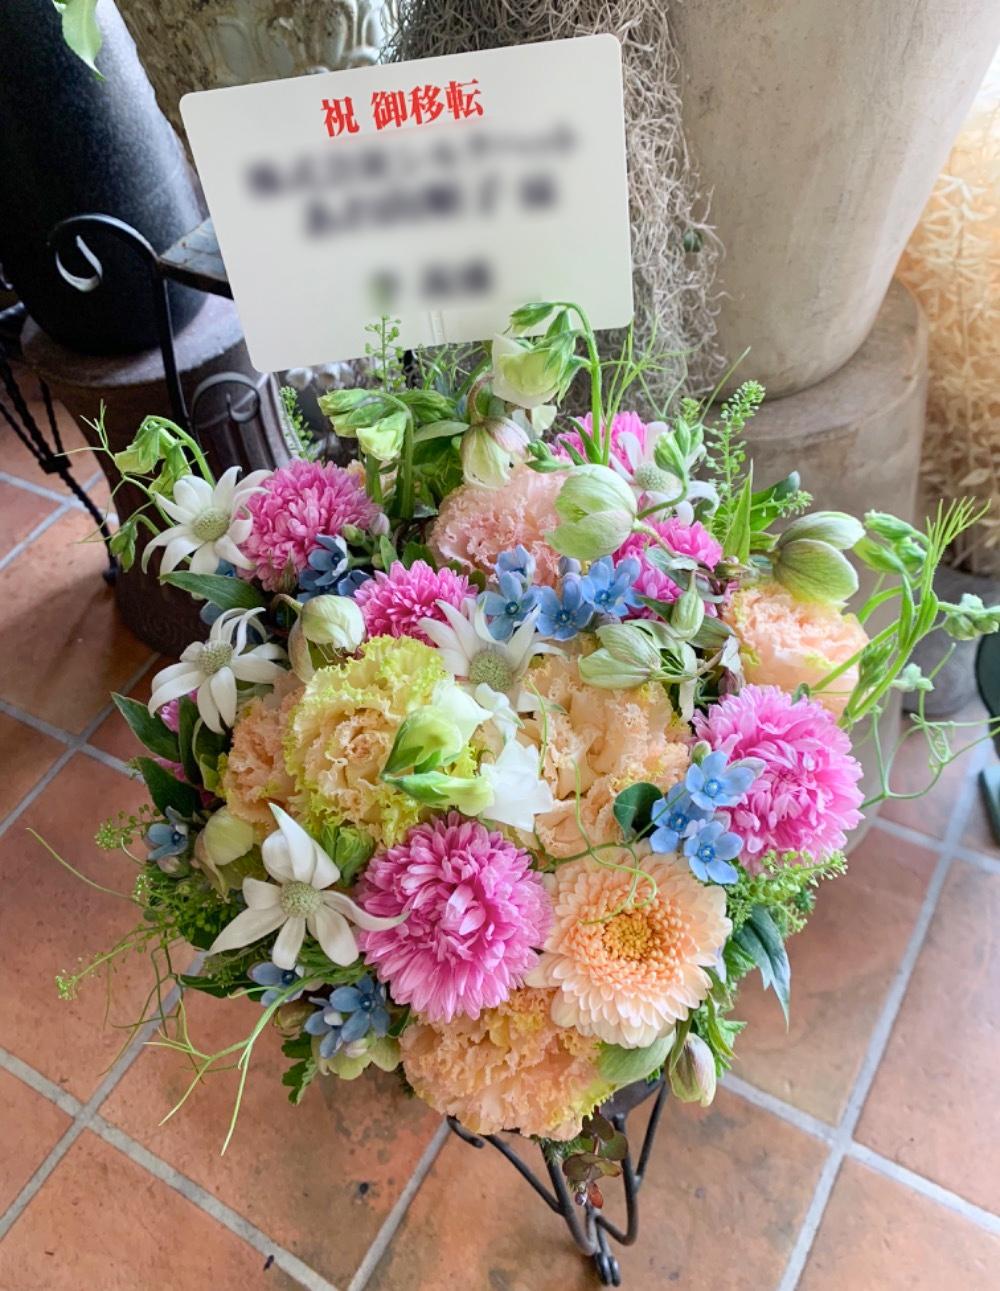 美容サロン関連会社さまへ可愛らしいカラーのご移転祝い花